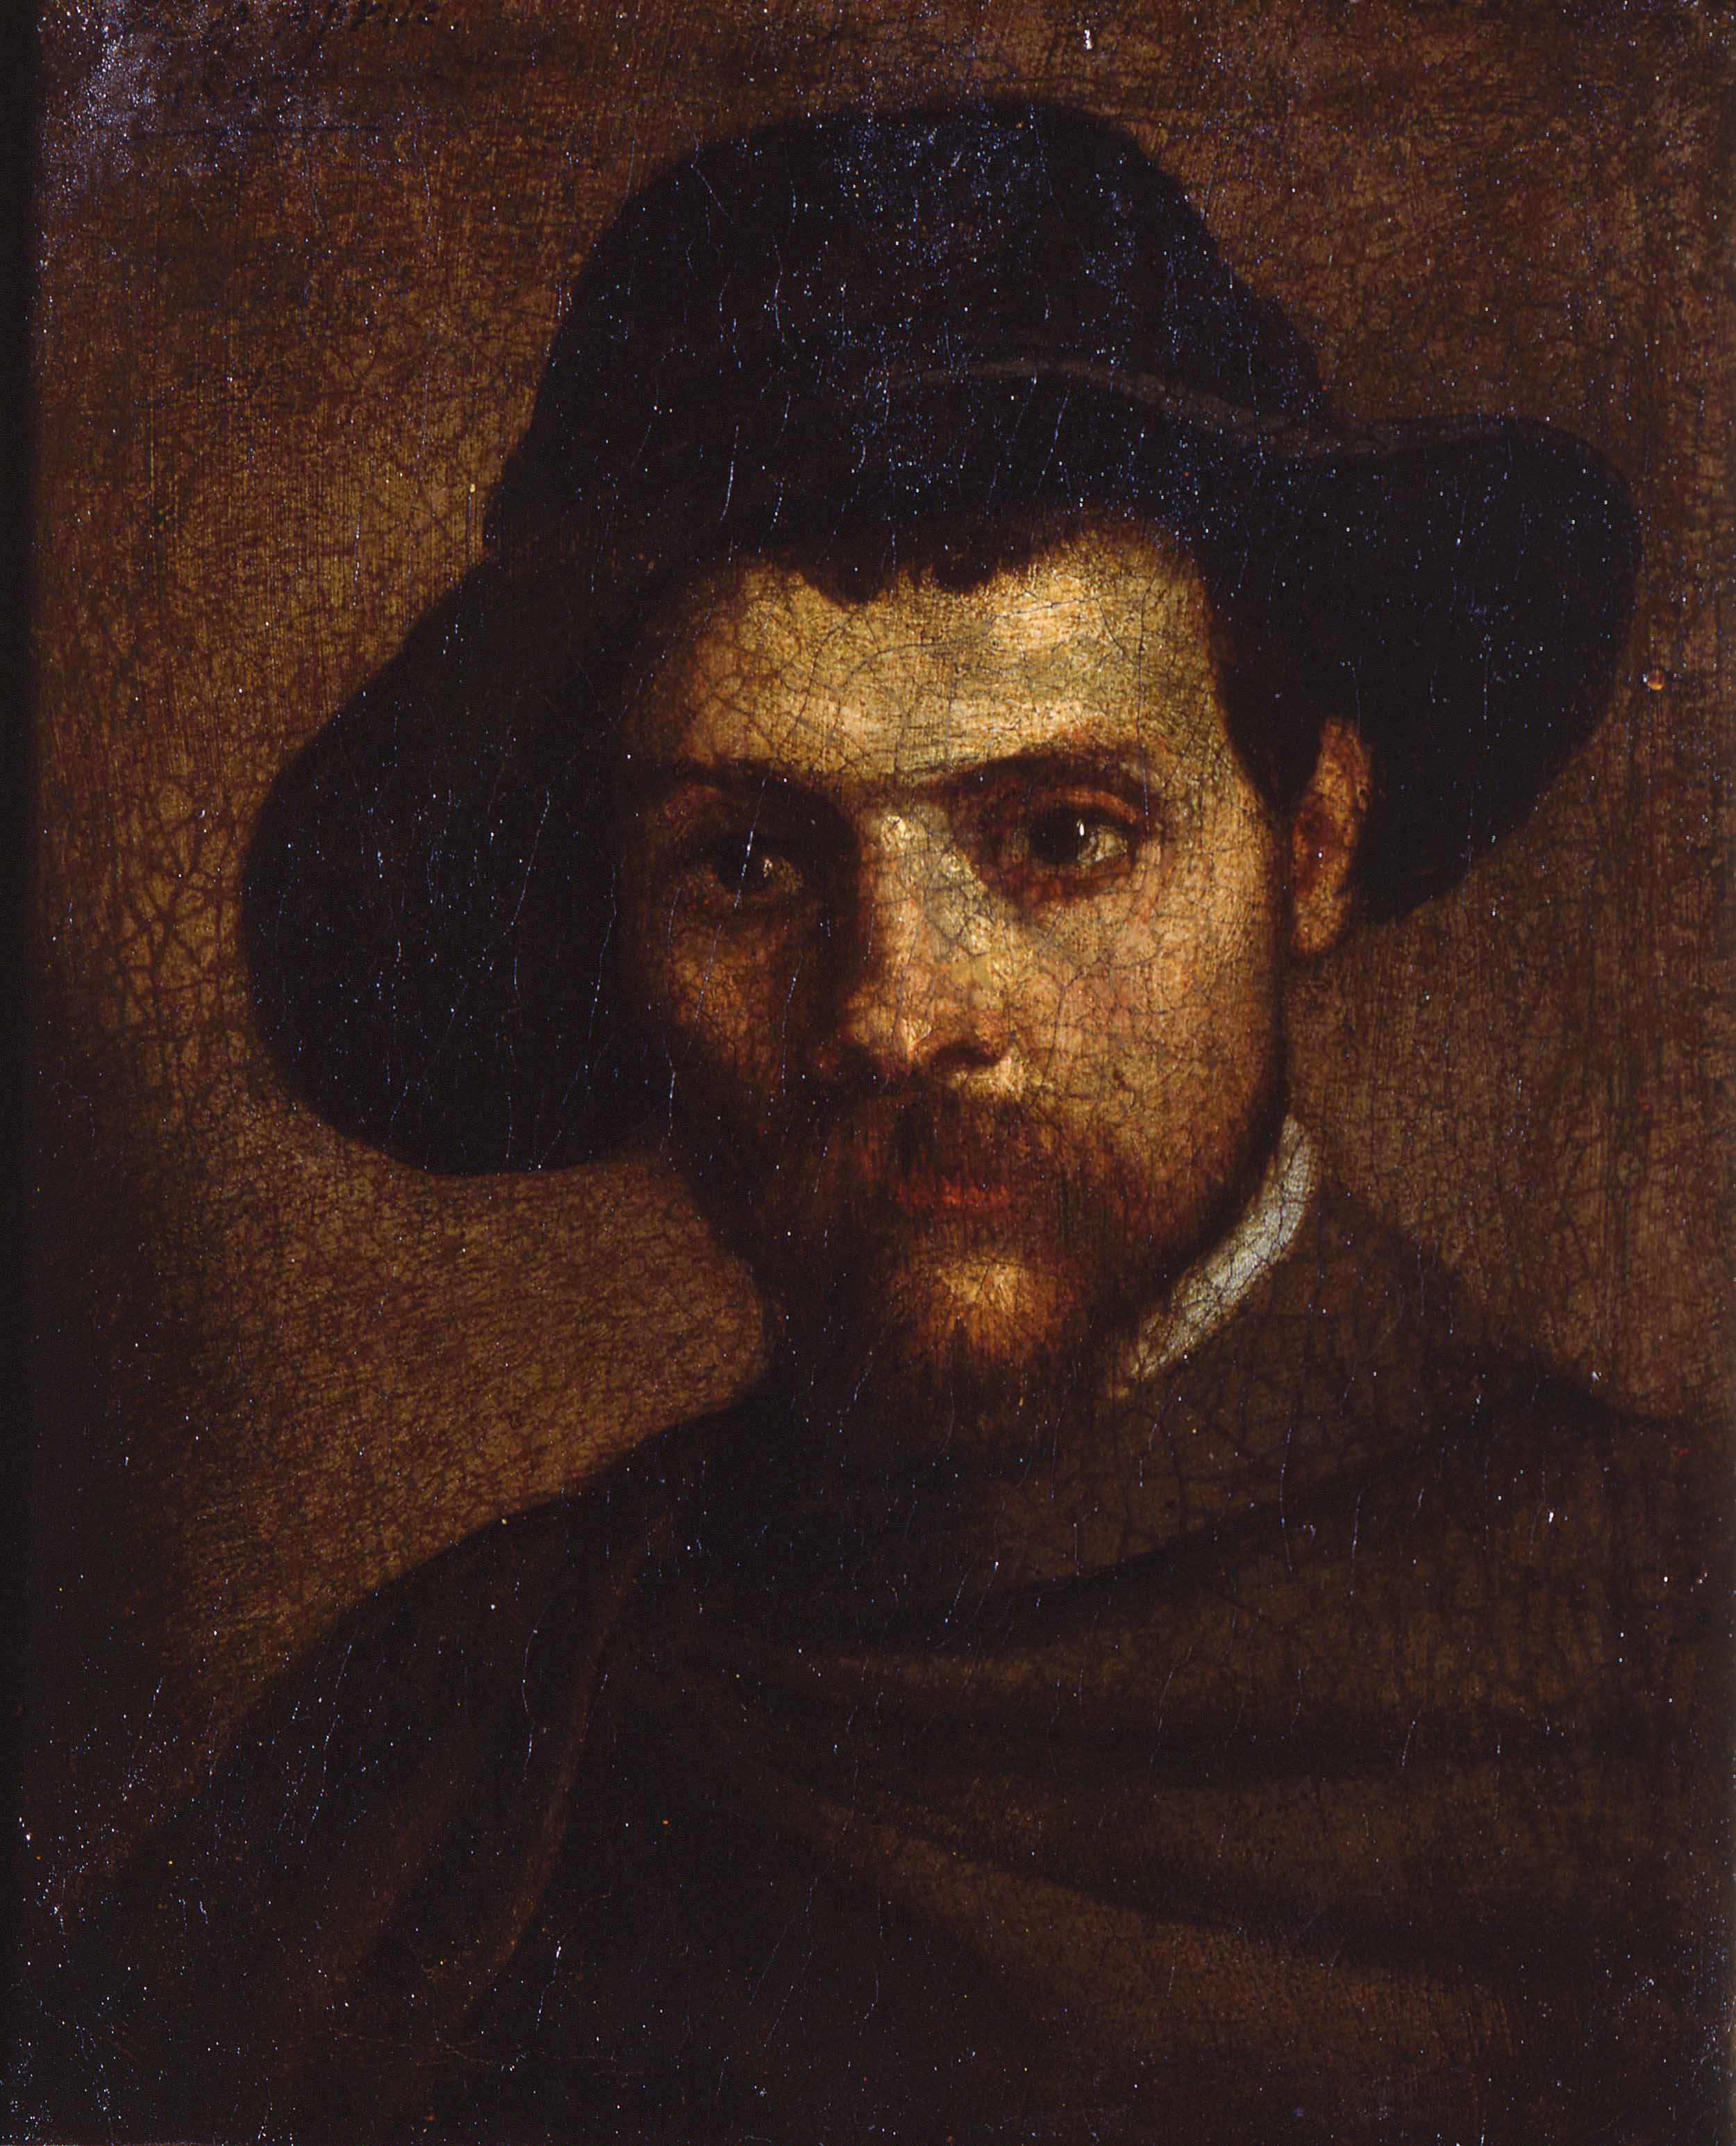 Annibale Carracci, 'Autoritratto col cappello a quattr'acque', 1593. Parma, Galleria Nazionale.